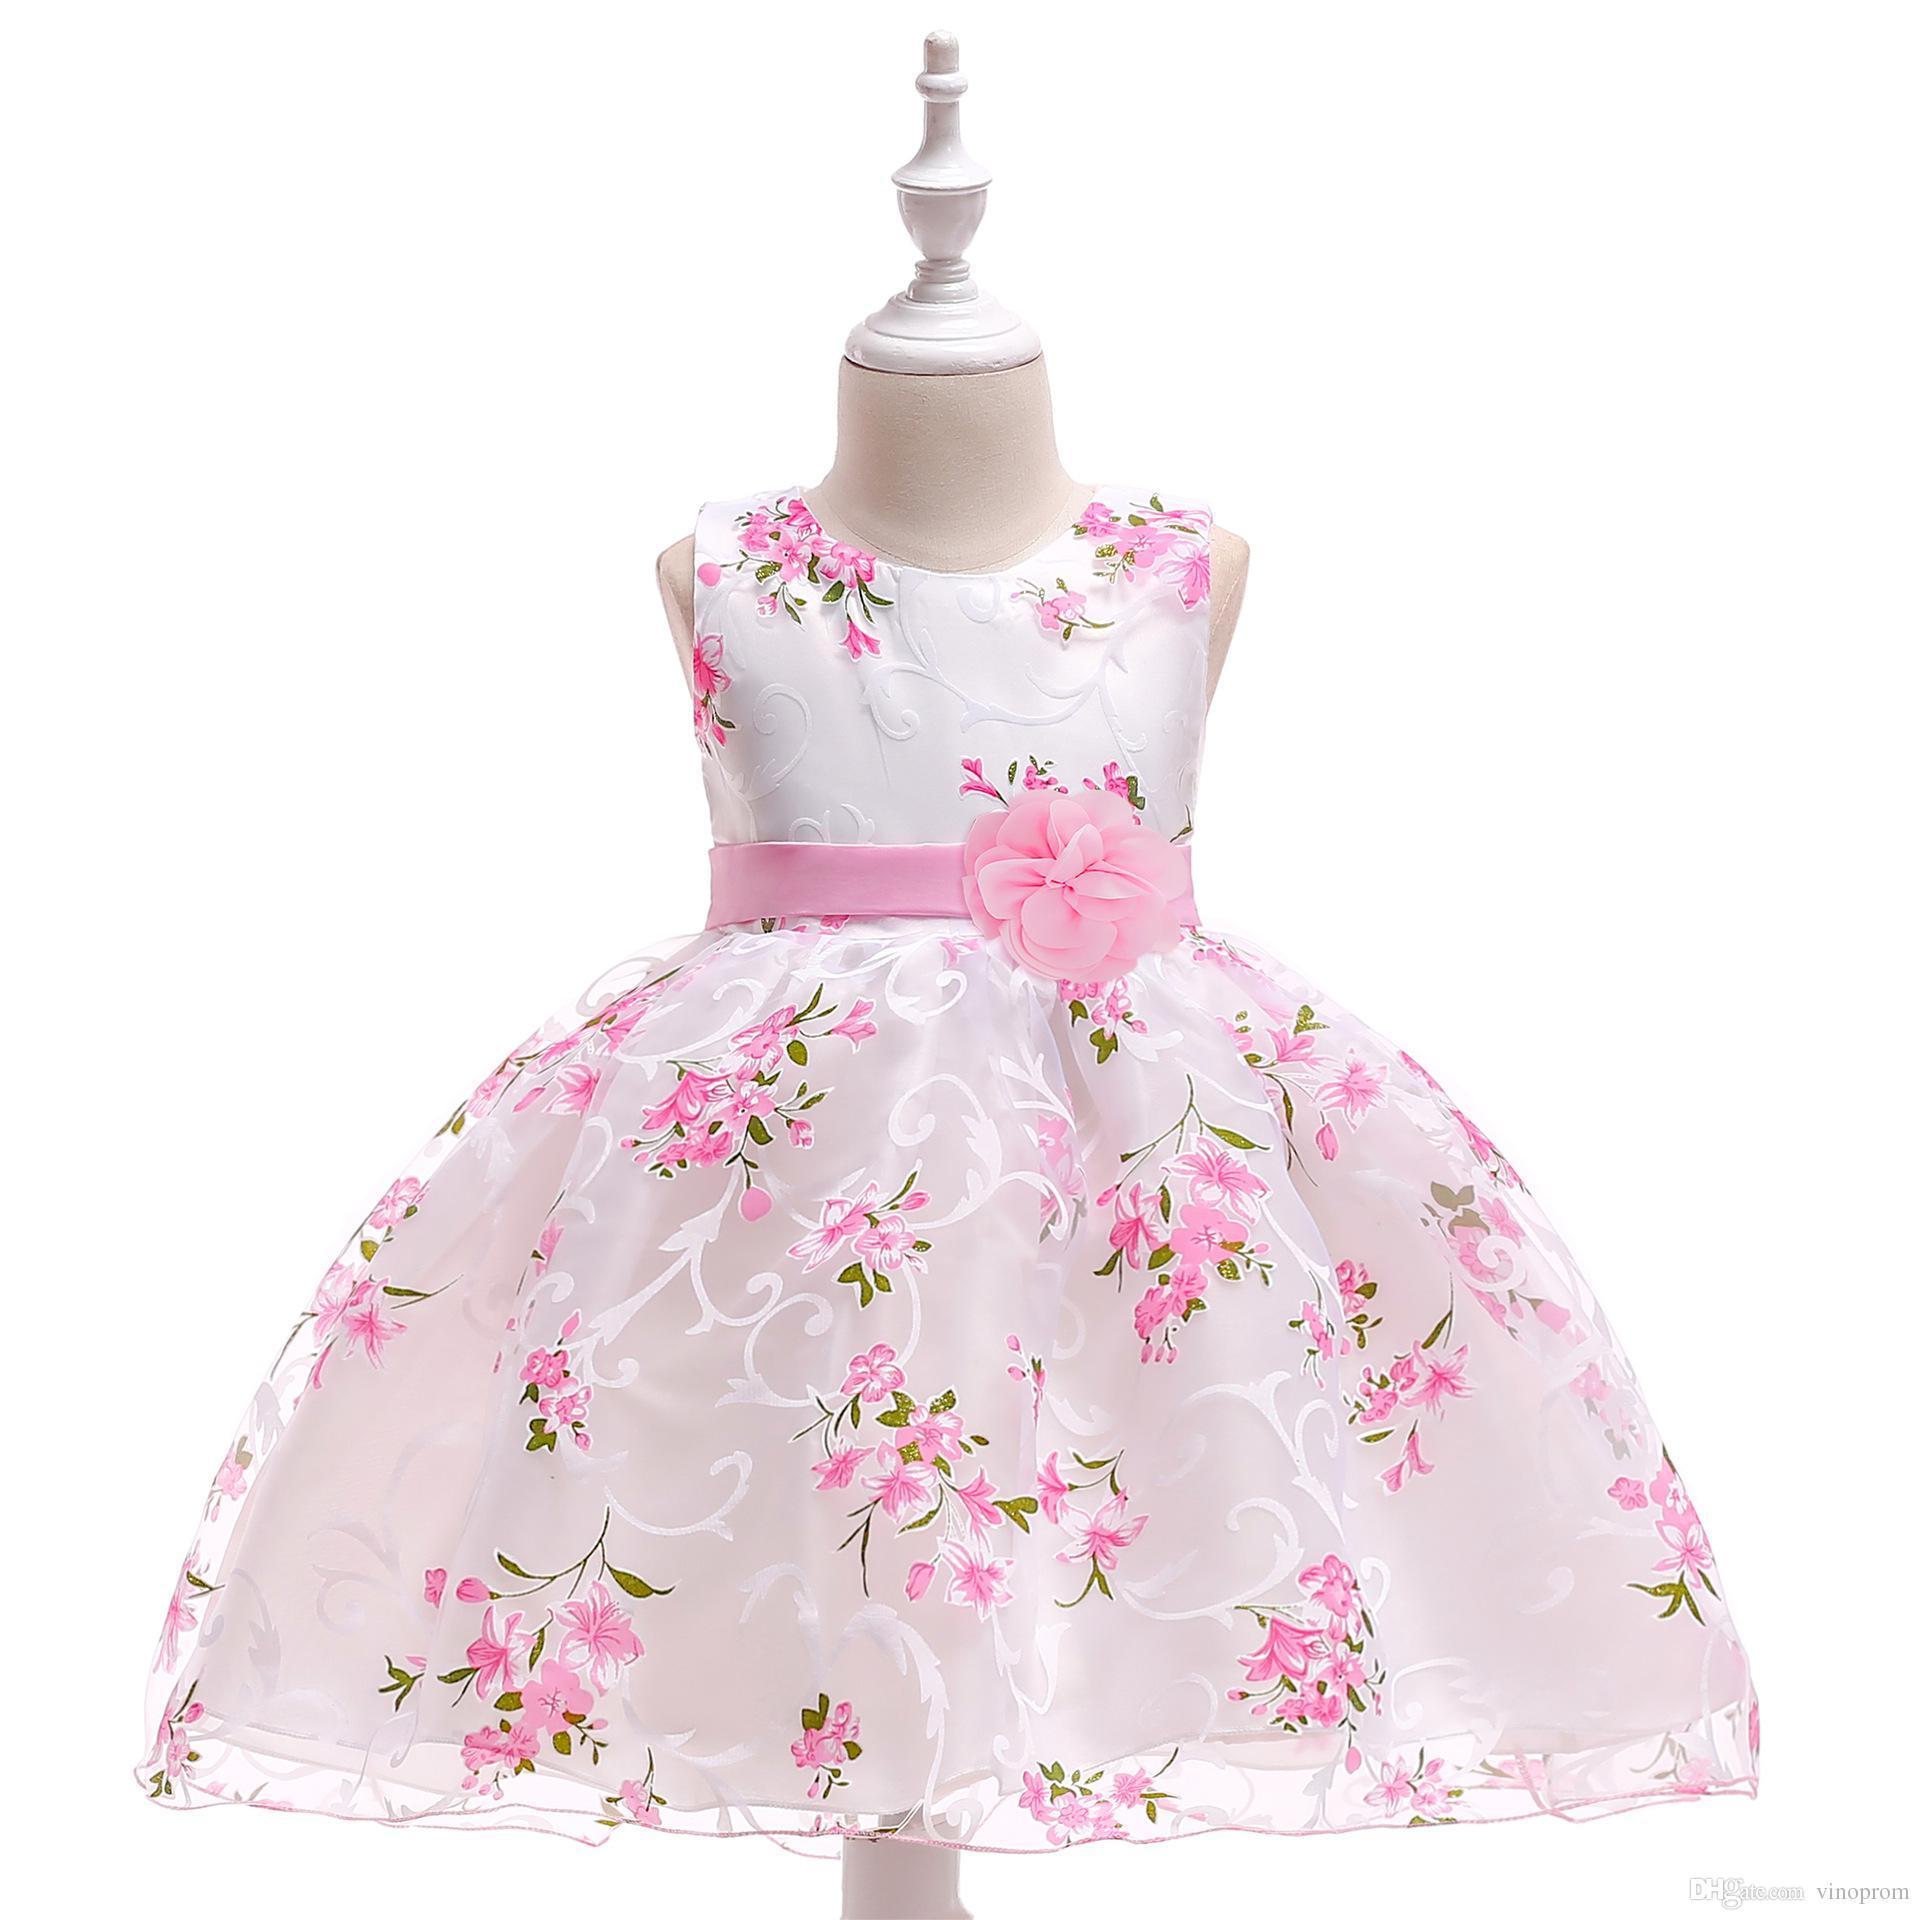 High Low Satin Blumenmädchenkleider 2018 Perlen Applizierte Kleider Für Mädchen Kinder Abendkleider vestido daminha